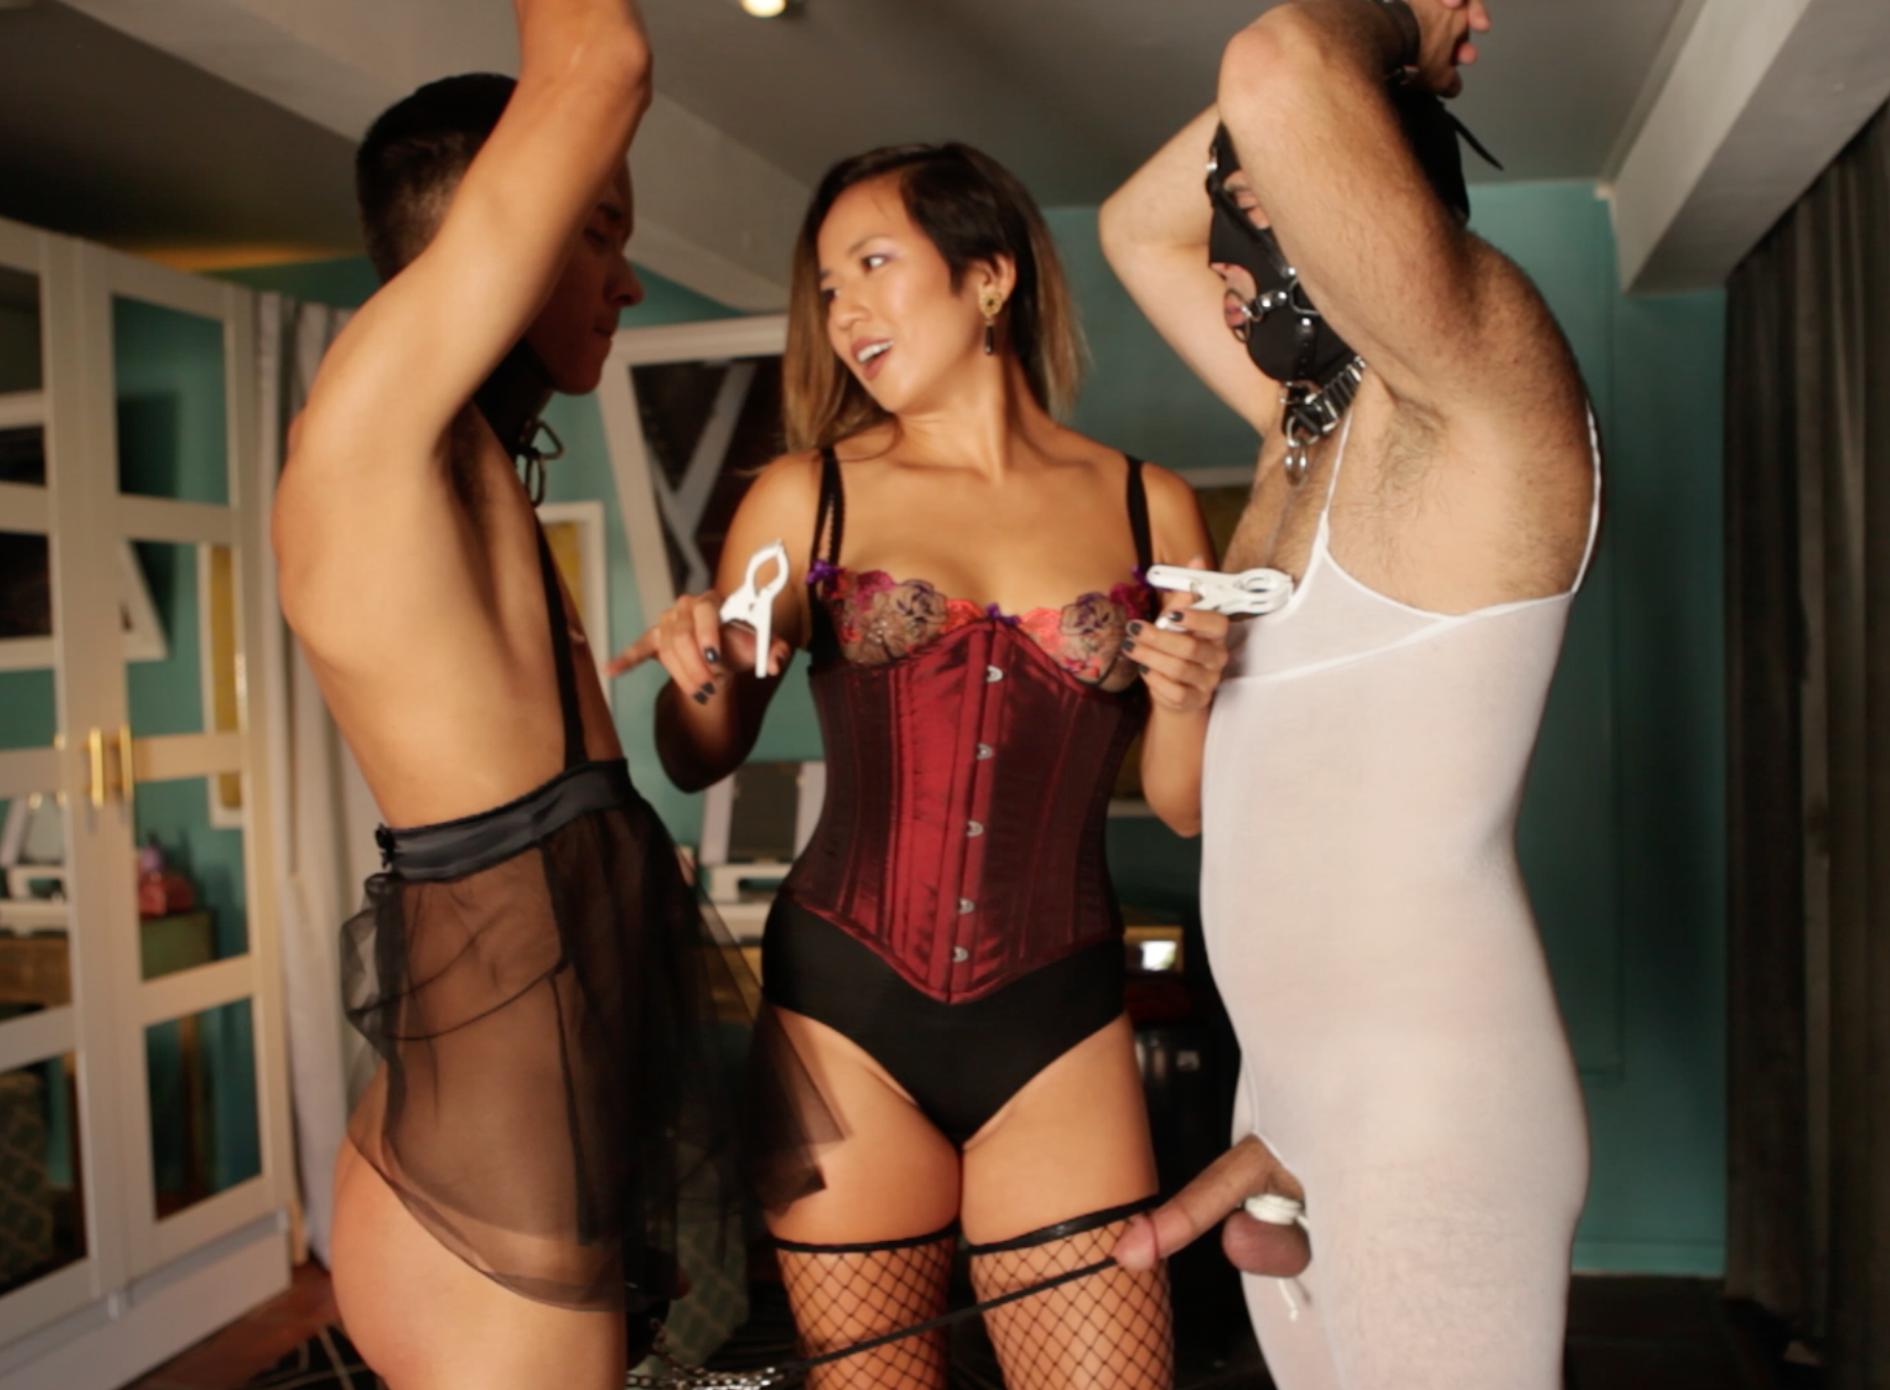 Asian Doninatrix Porn asian mistress nyc . new porn. comments: 1